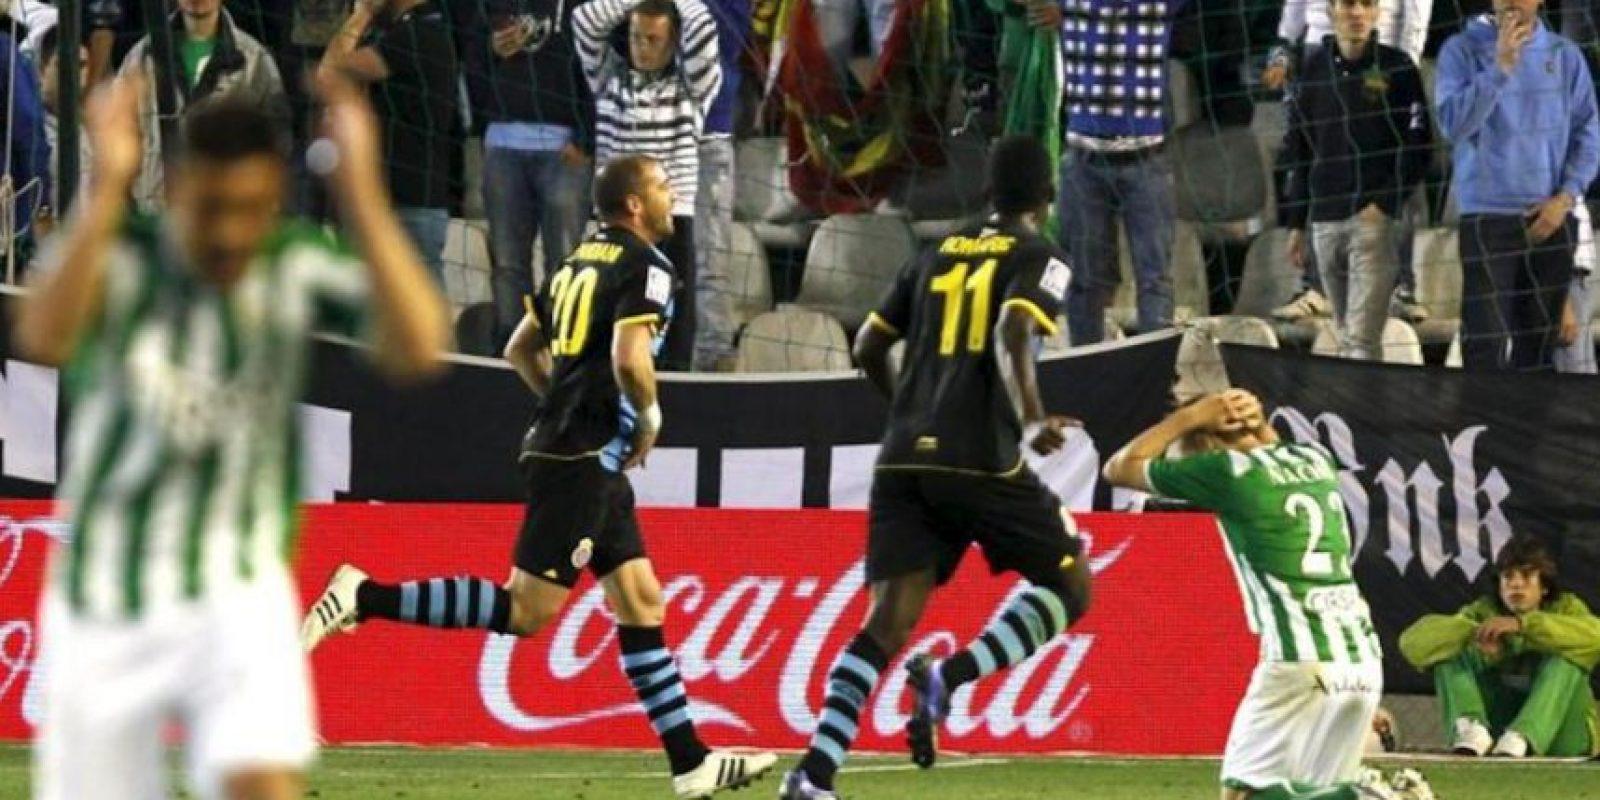 El delantero uruguayo Walter Pandiani (2i) celebra el gol del empate ante el Betis durante el partido, correspondiente a la vigésimo novena jornada de Liga de Primera División, que disputaron ambos equipos en el estadio Benito Villamarín. EFE